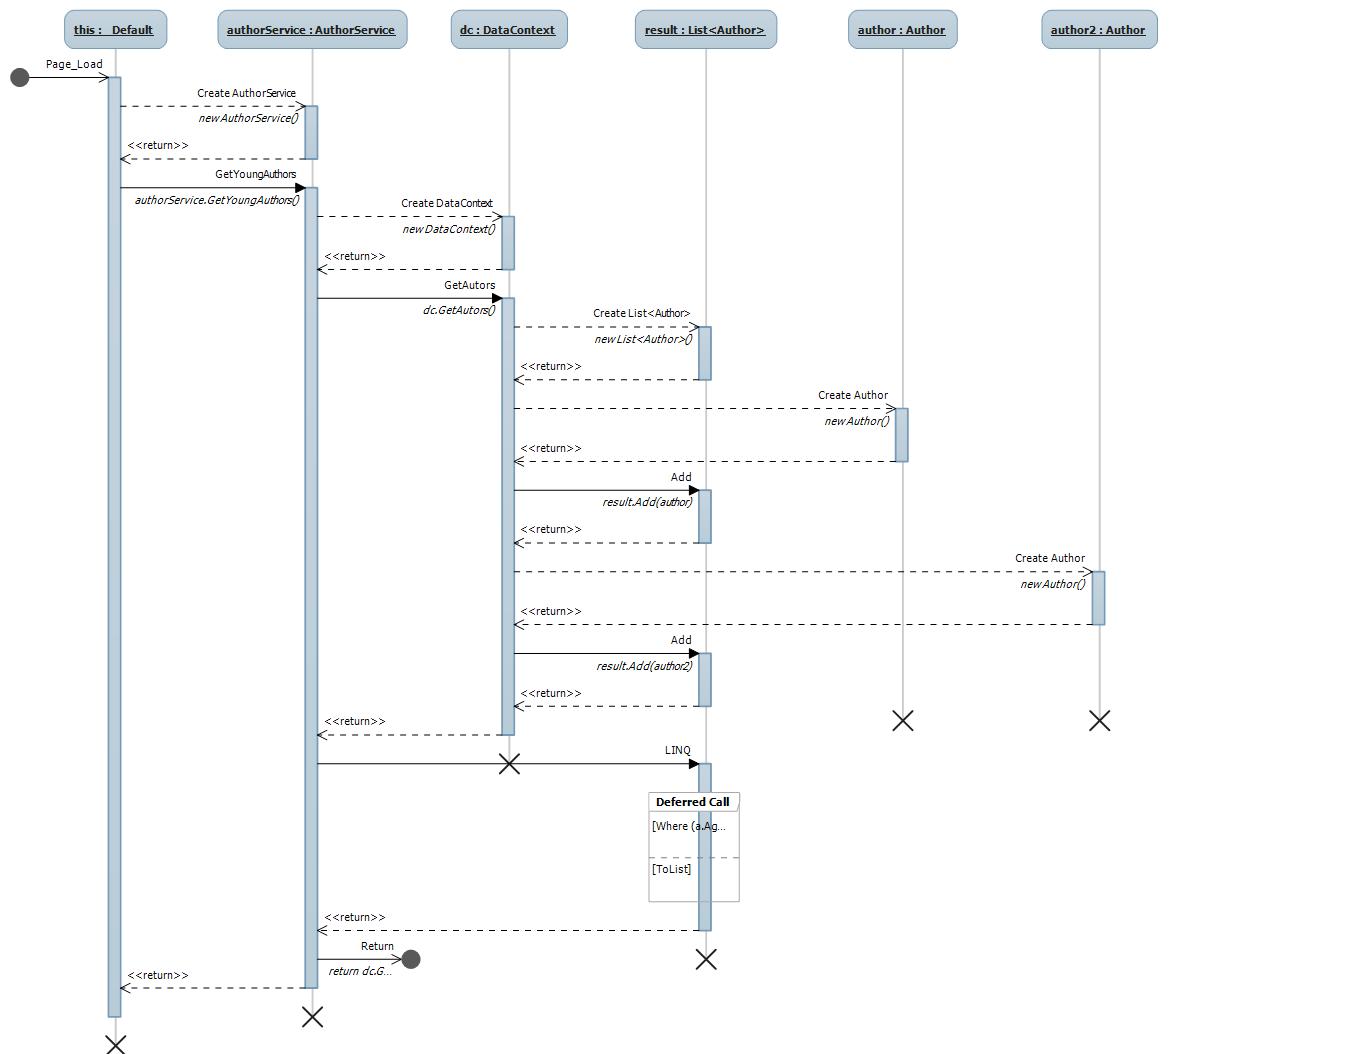 visio uml sequence diagram visio free engine image for create sequence diagram using visio 2010 draw sequence diagram in visio 2010 [ 1366 x 1054 Pixel ]